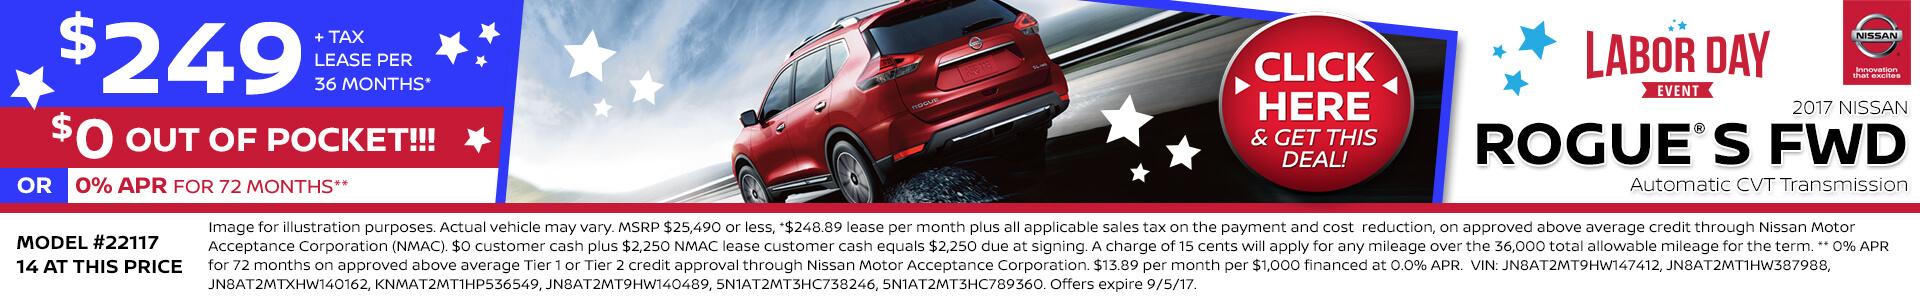 Mossy Nissan El Cajon >> 282 New Nissan Altima in Stock in San Diego, El Cajon, Escondido, La Mesa & Chula Vista, CA ...